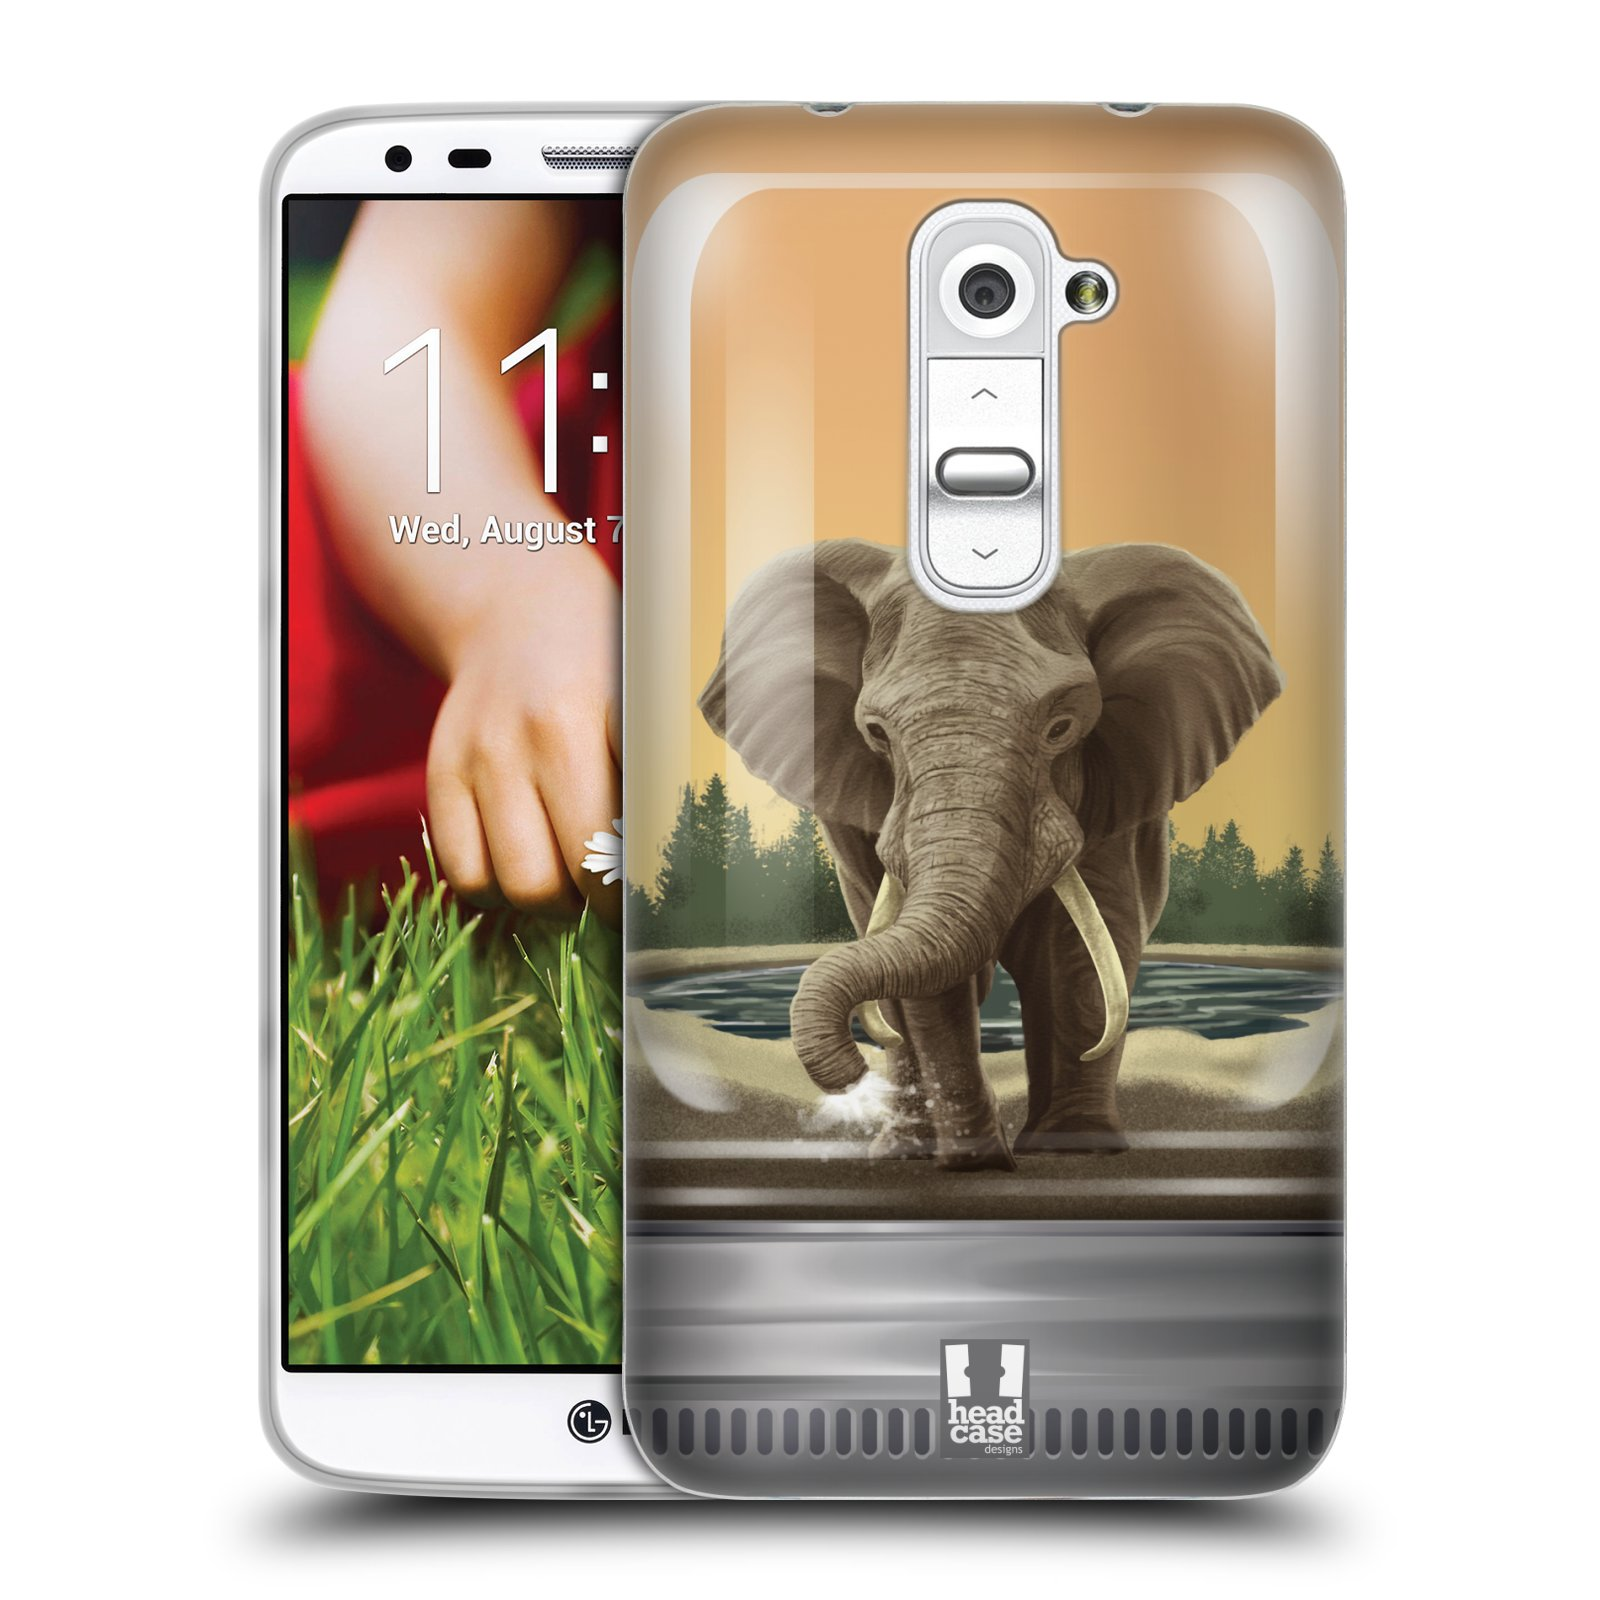 HEAD CASE silikonový obal na mobil LG G2 vzor Zvířátka v těžítku slon